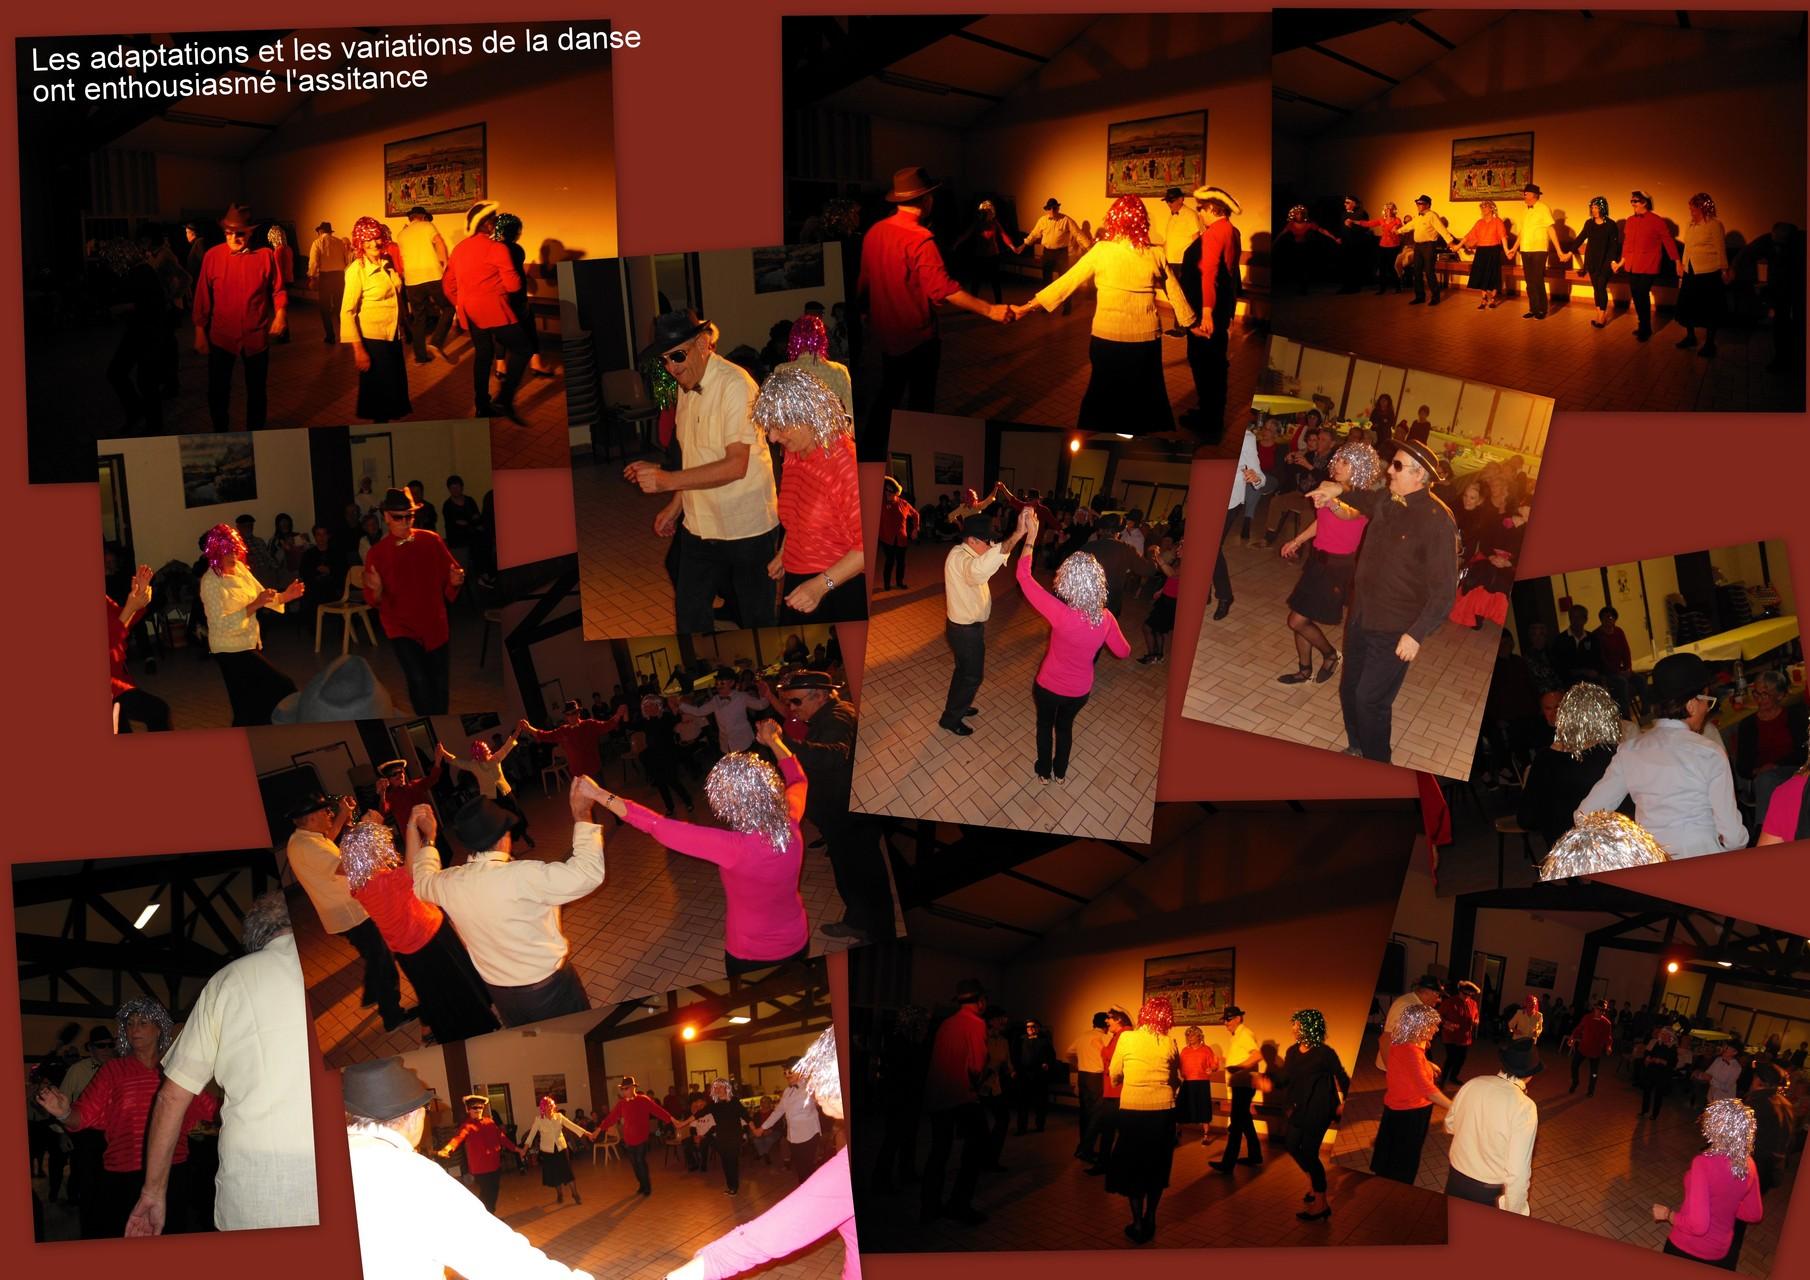 Les déclinaisons originales de la danse ont été chaudement applaudies et bissées